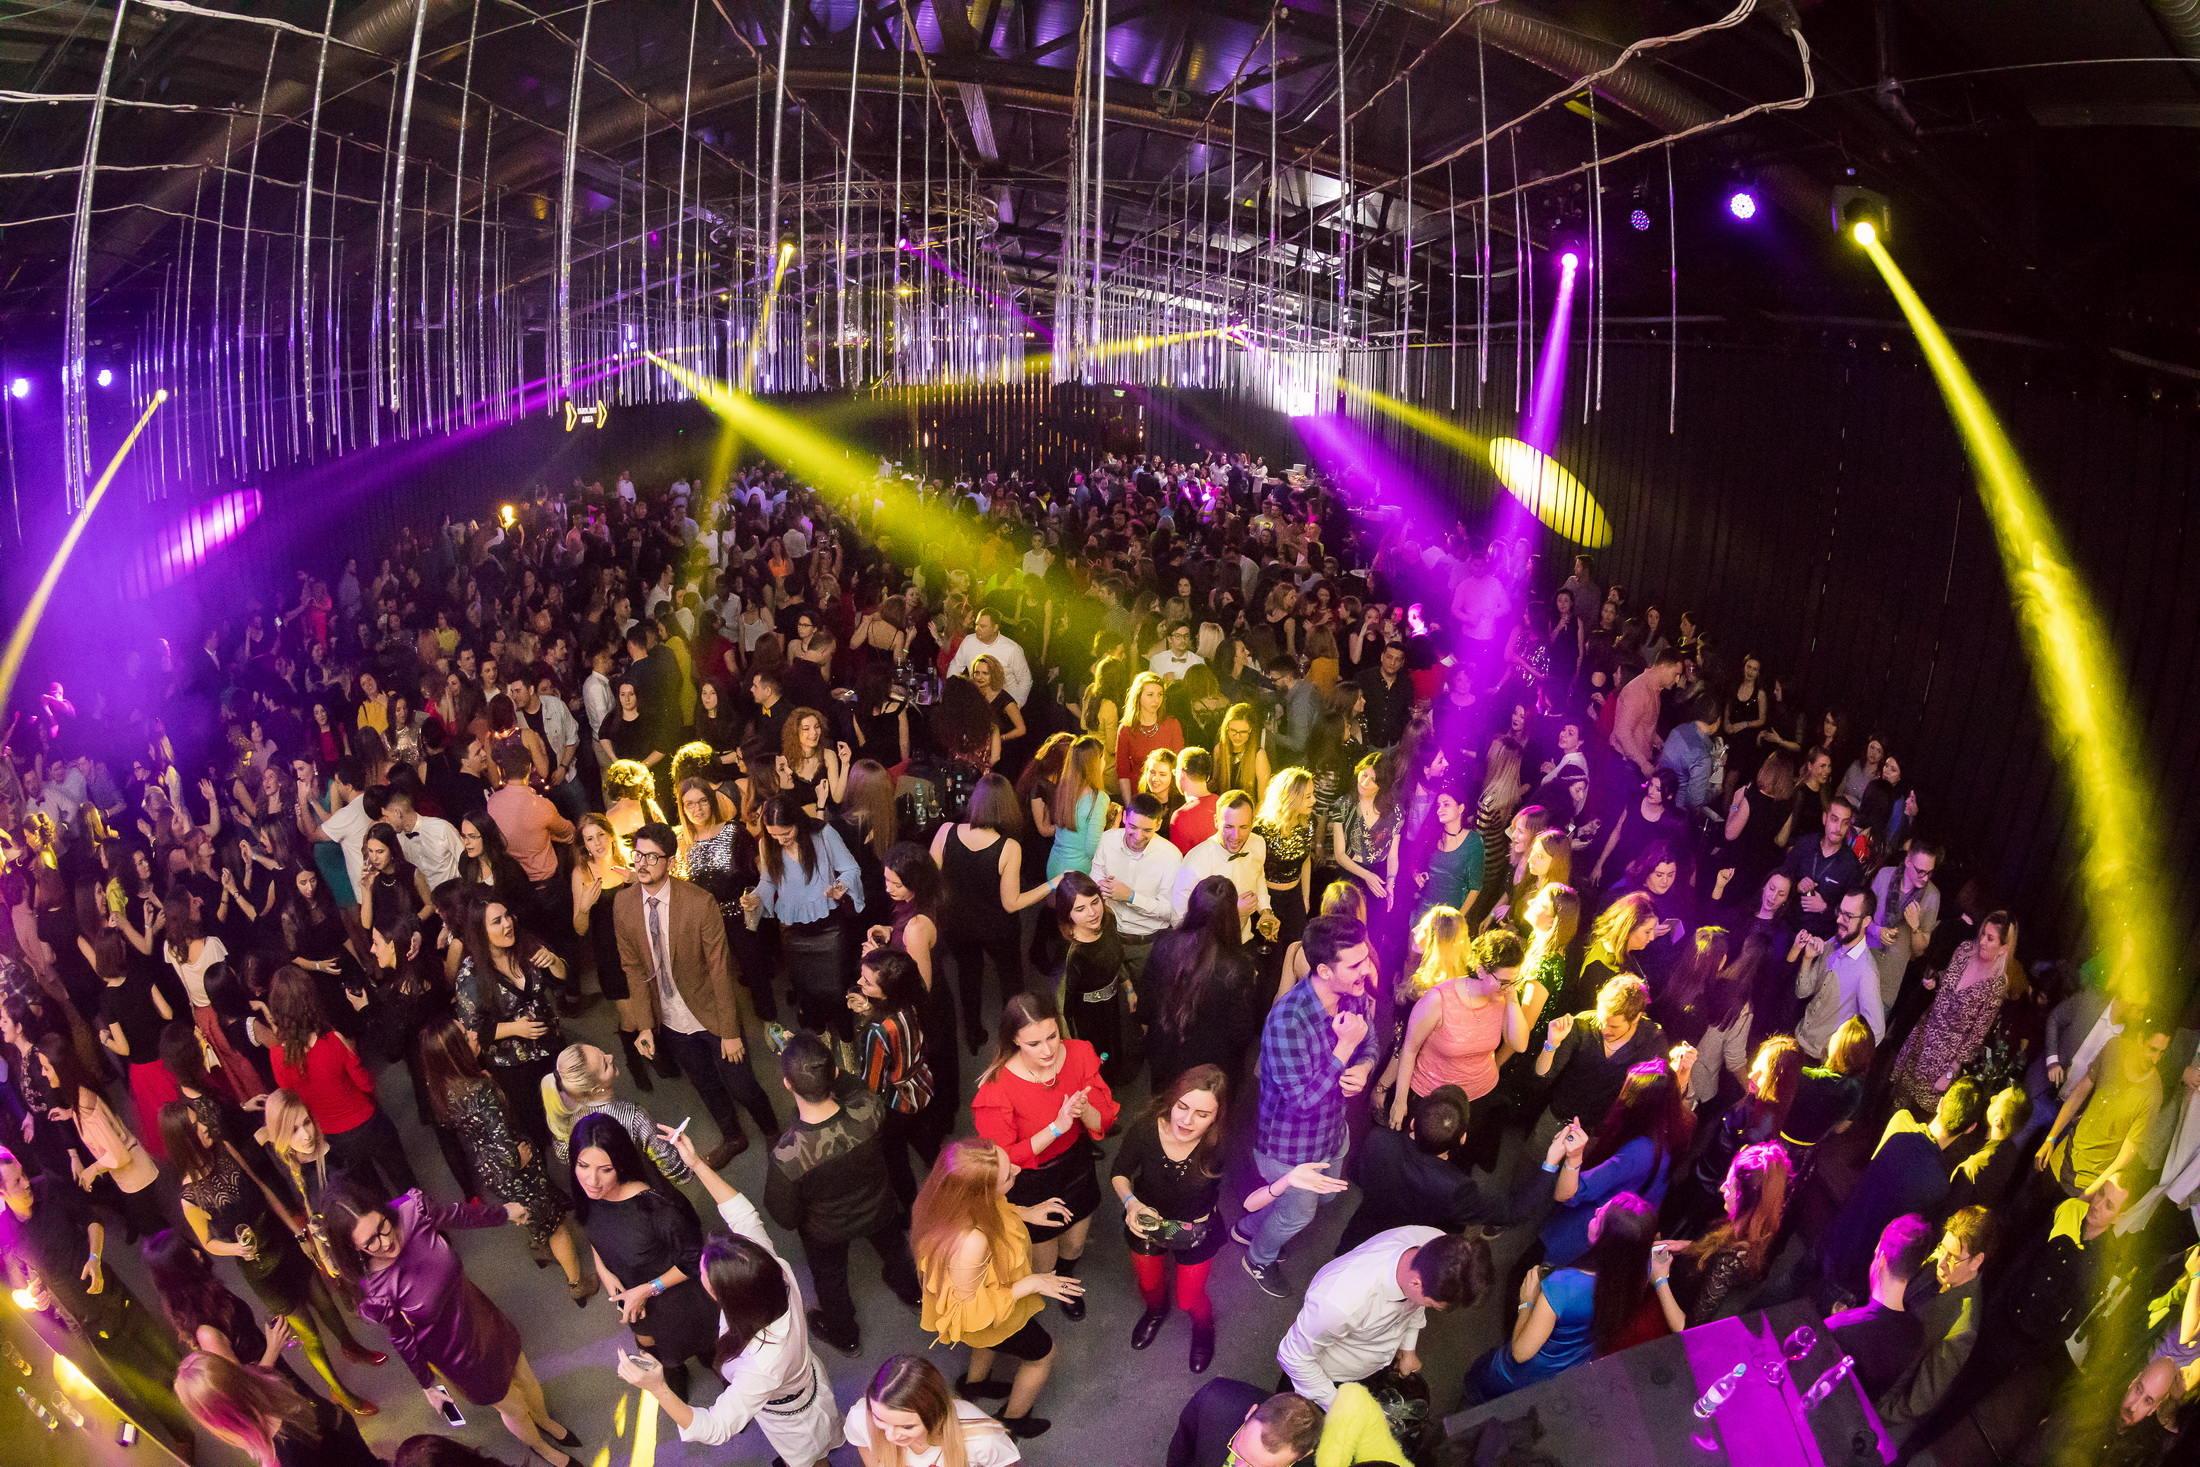 Corporate Events Photography - Fotografie evenimente corporate